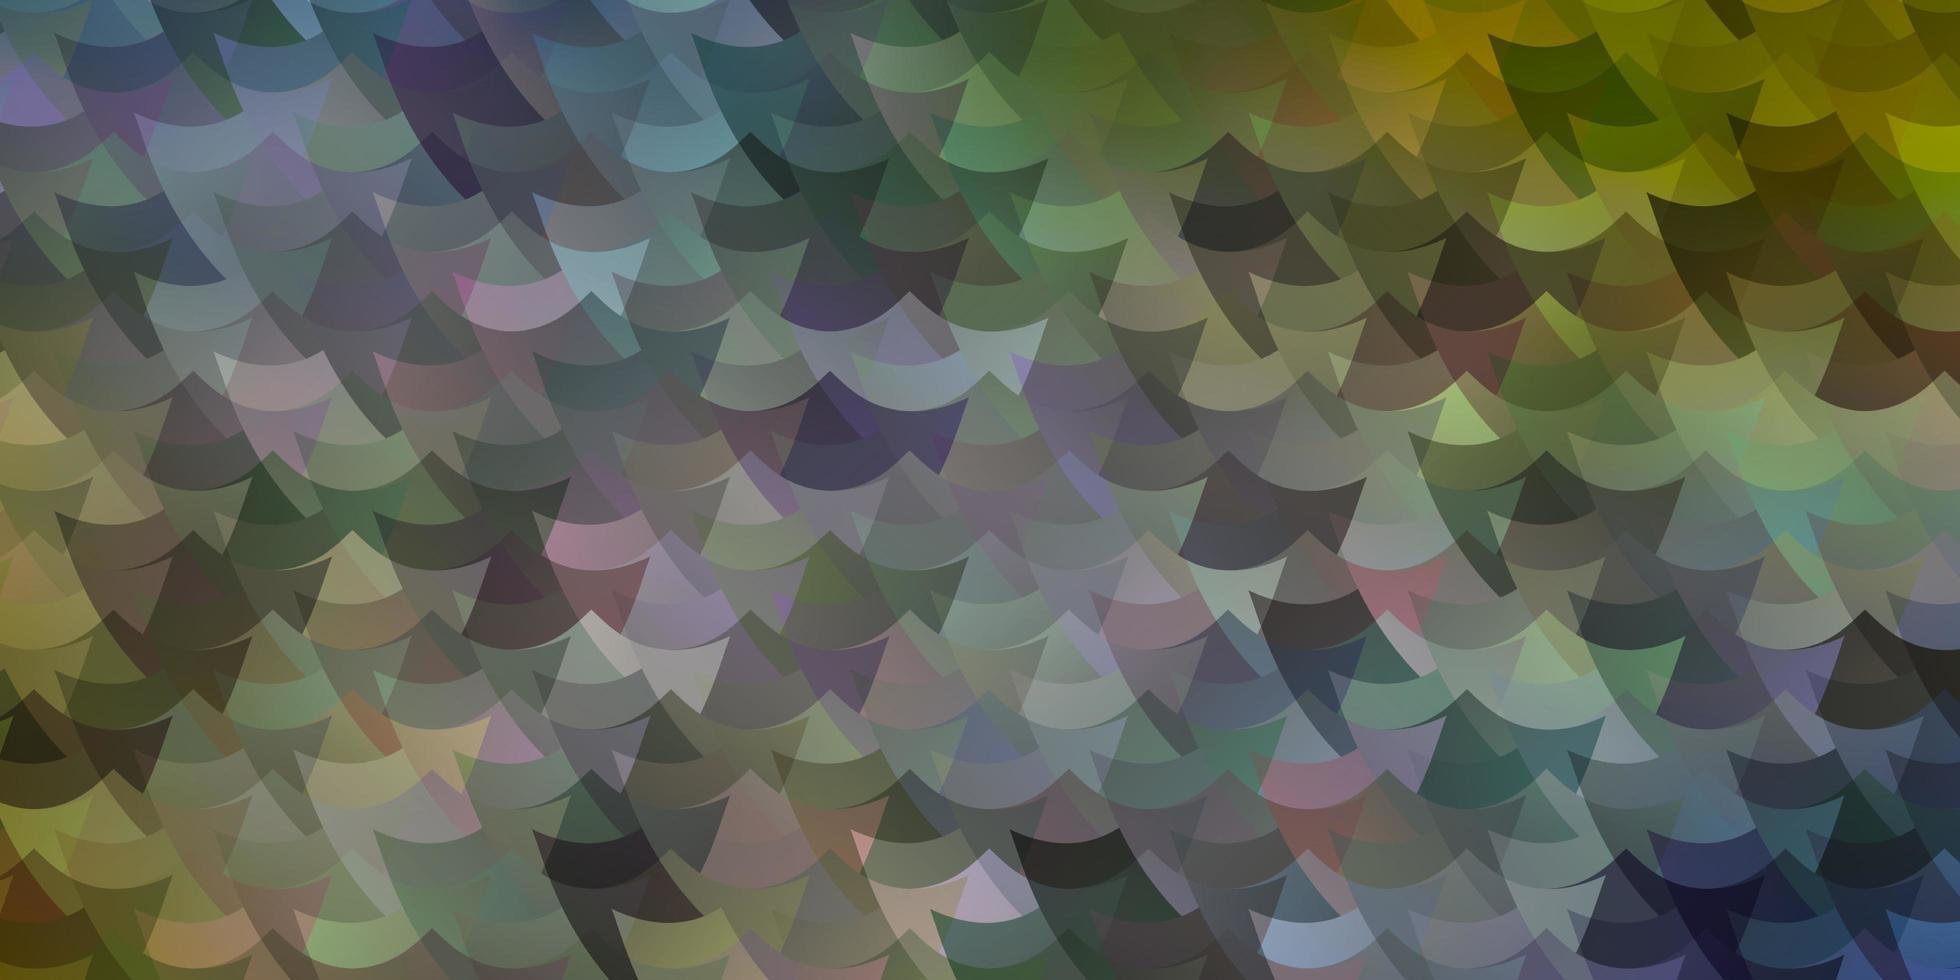 mise en page multicolore avec des lignes, des rectangles. vecteur